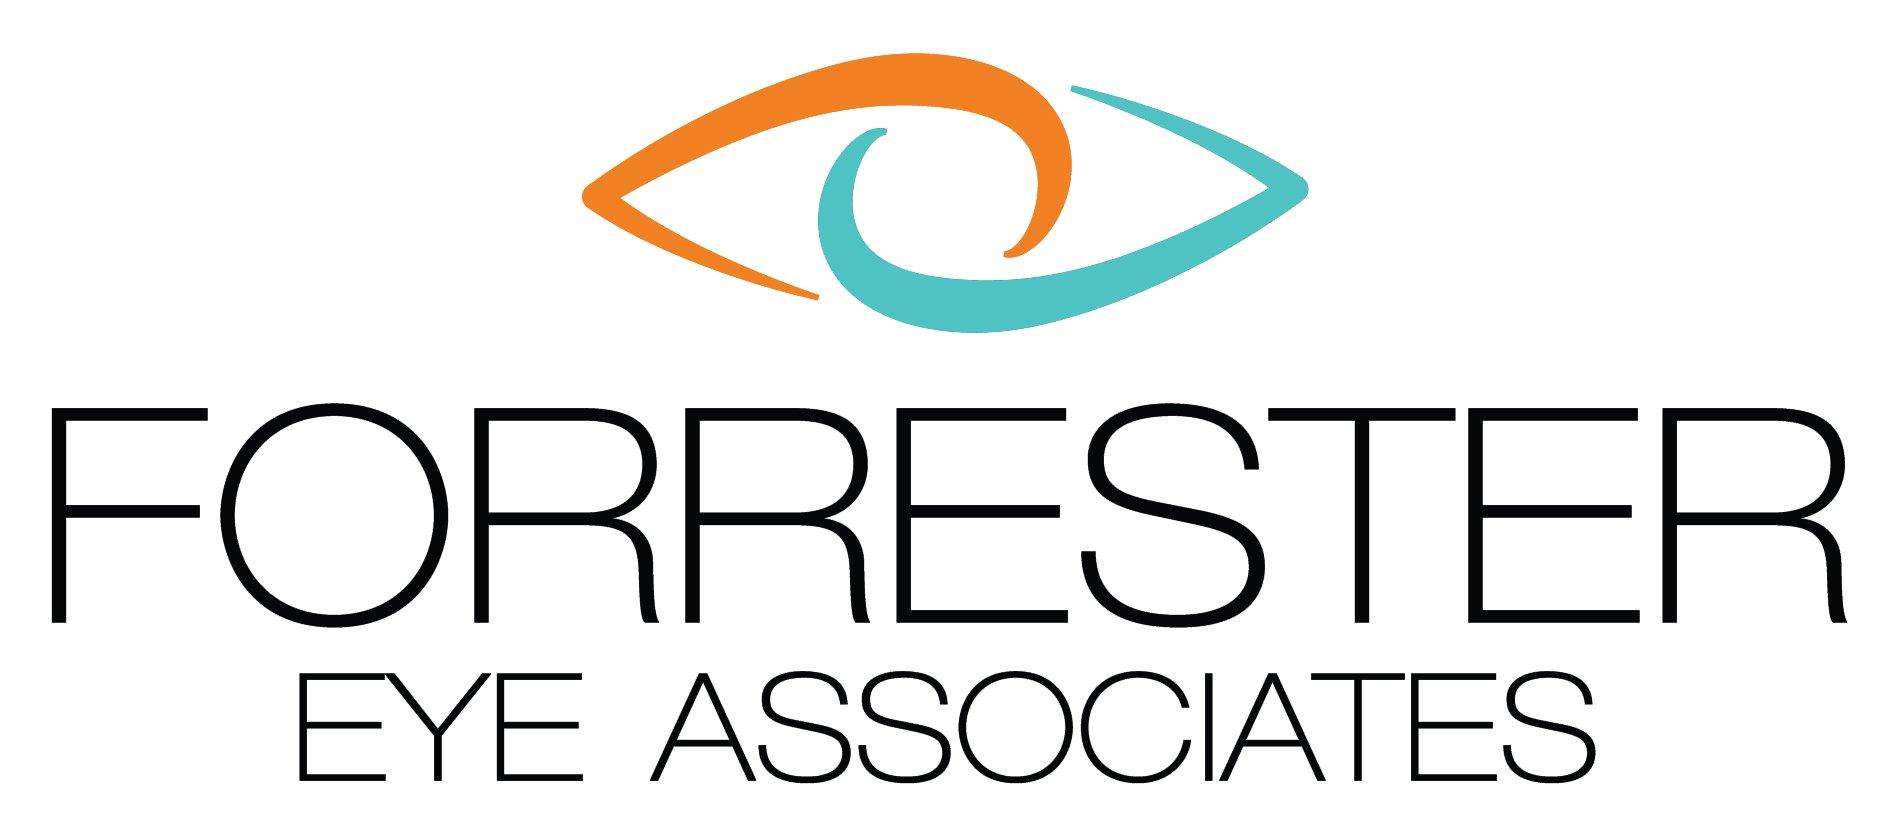 Forrester Eye Associates Logo